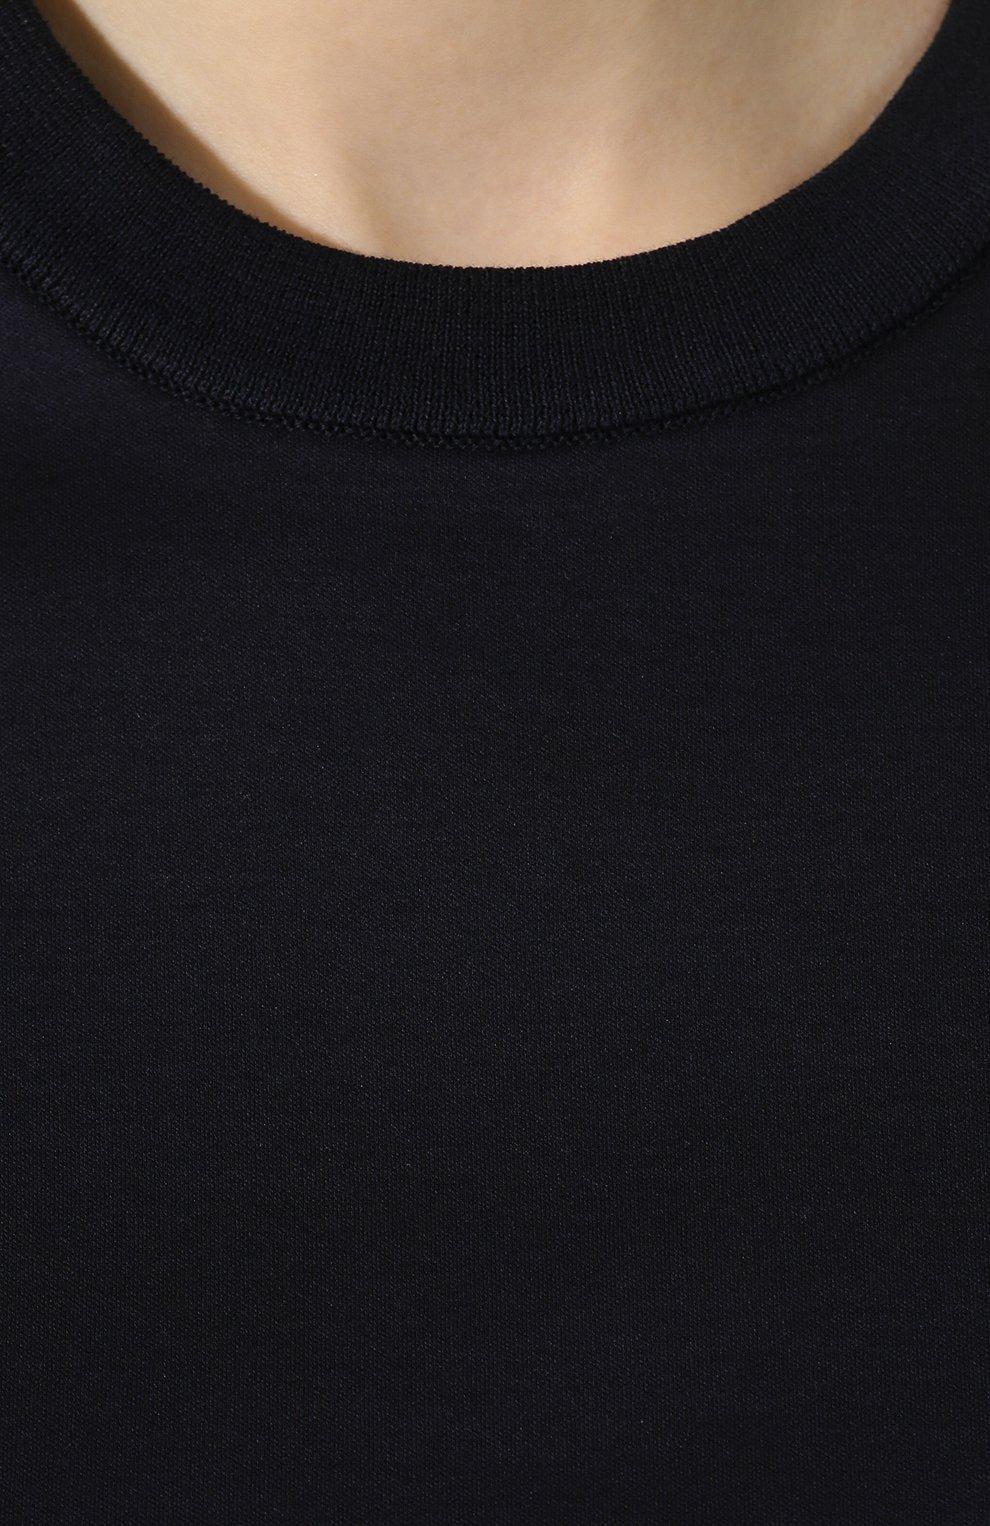 Женская хлопковая футболка LORO PIANA темно-синего цвета, арт. FAI5069 | Фото 5 (Принт: Без принта; Рукава: Короткие; Длина (для топов): Стандартные; Материал внешний: Хлопок; Стили: Классический, Минимализм, Кэжуэл; Женское Кросс-КТ: Футболка-одежда; Статус проверки: Проверена категория)